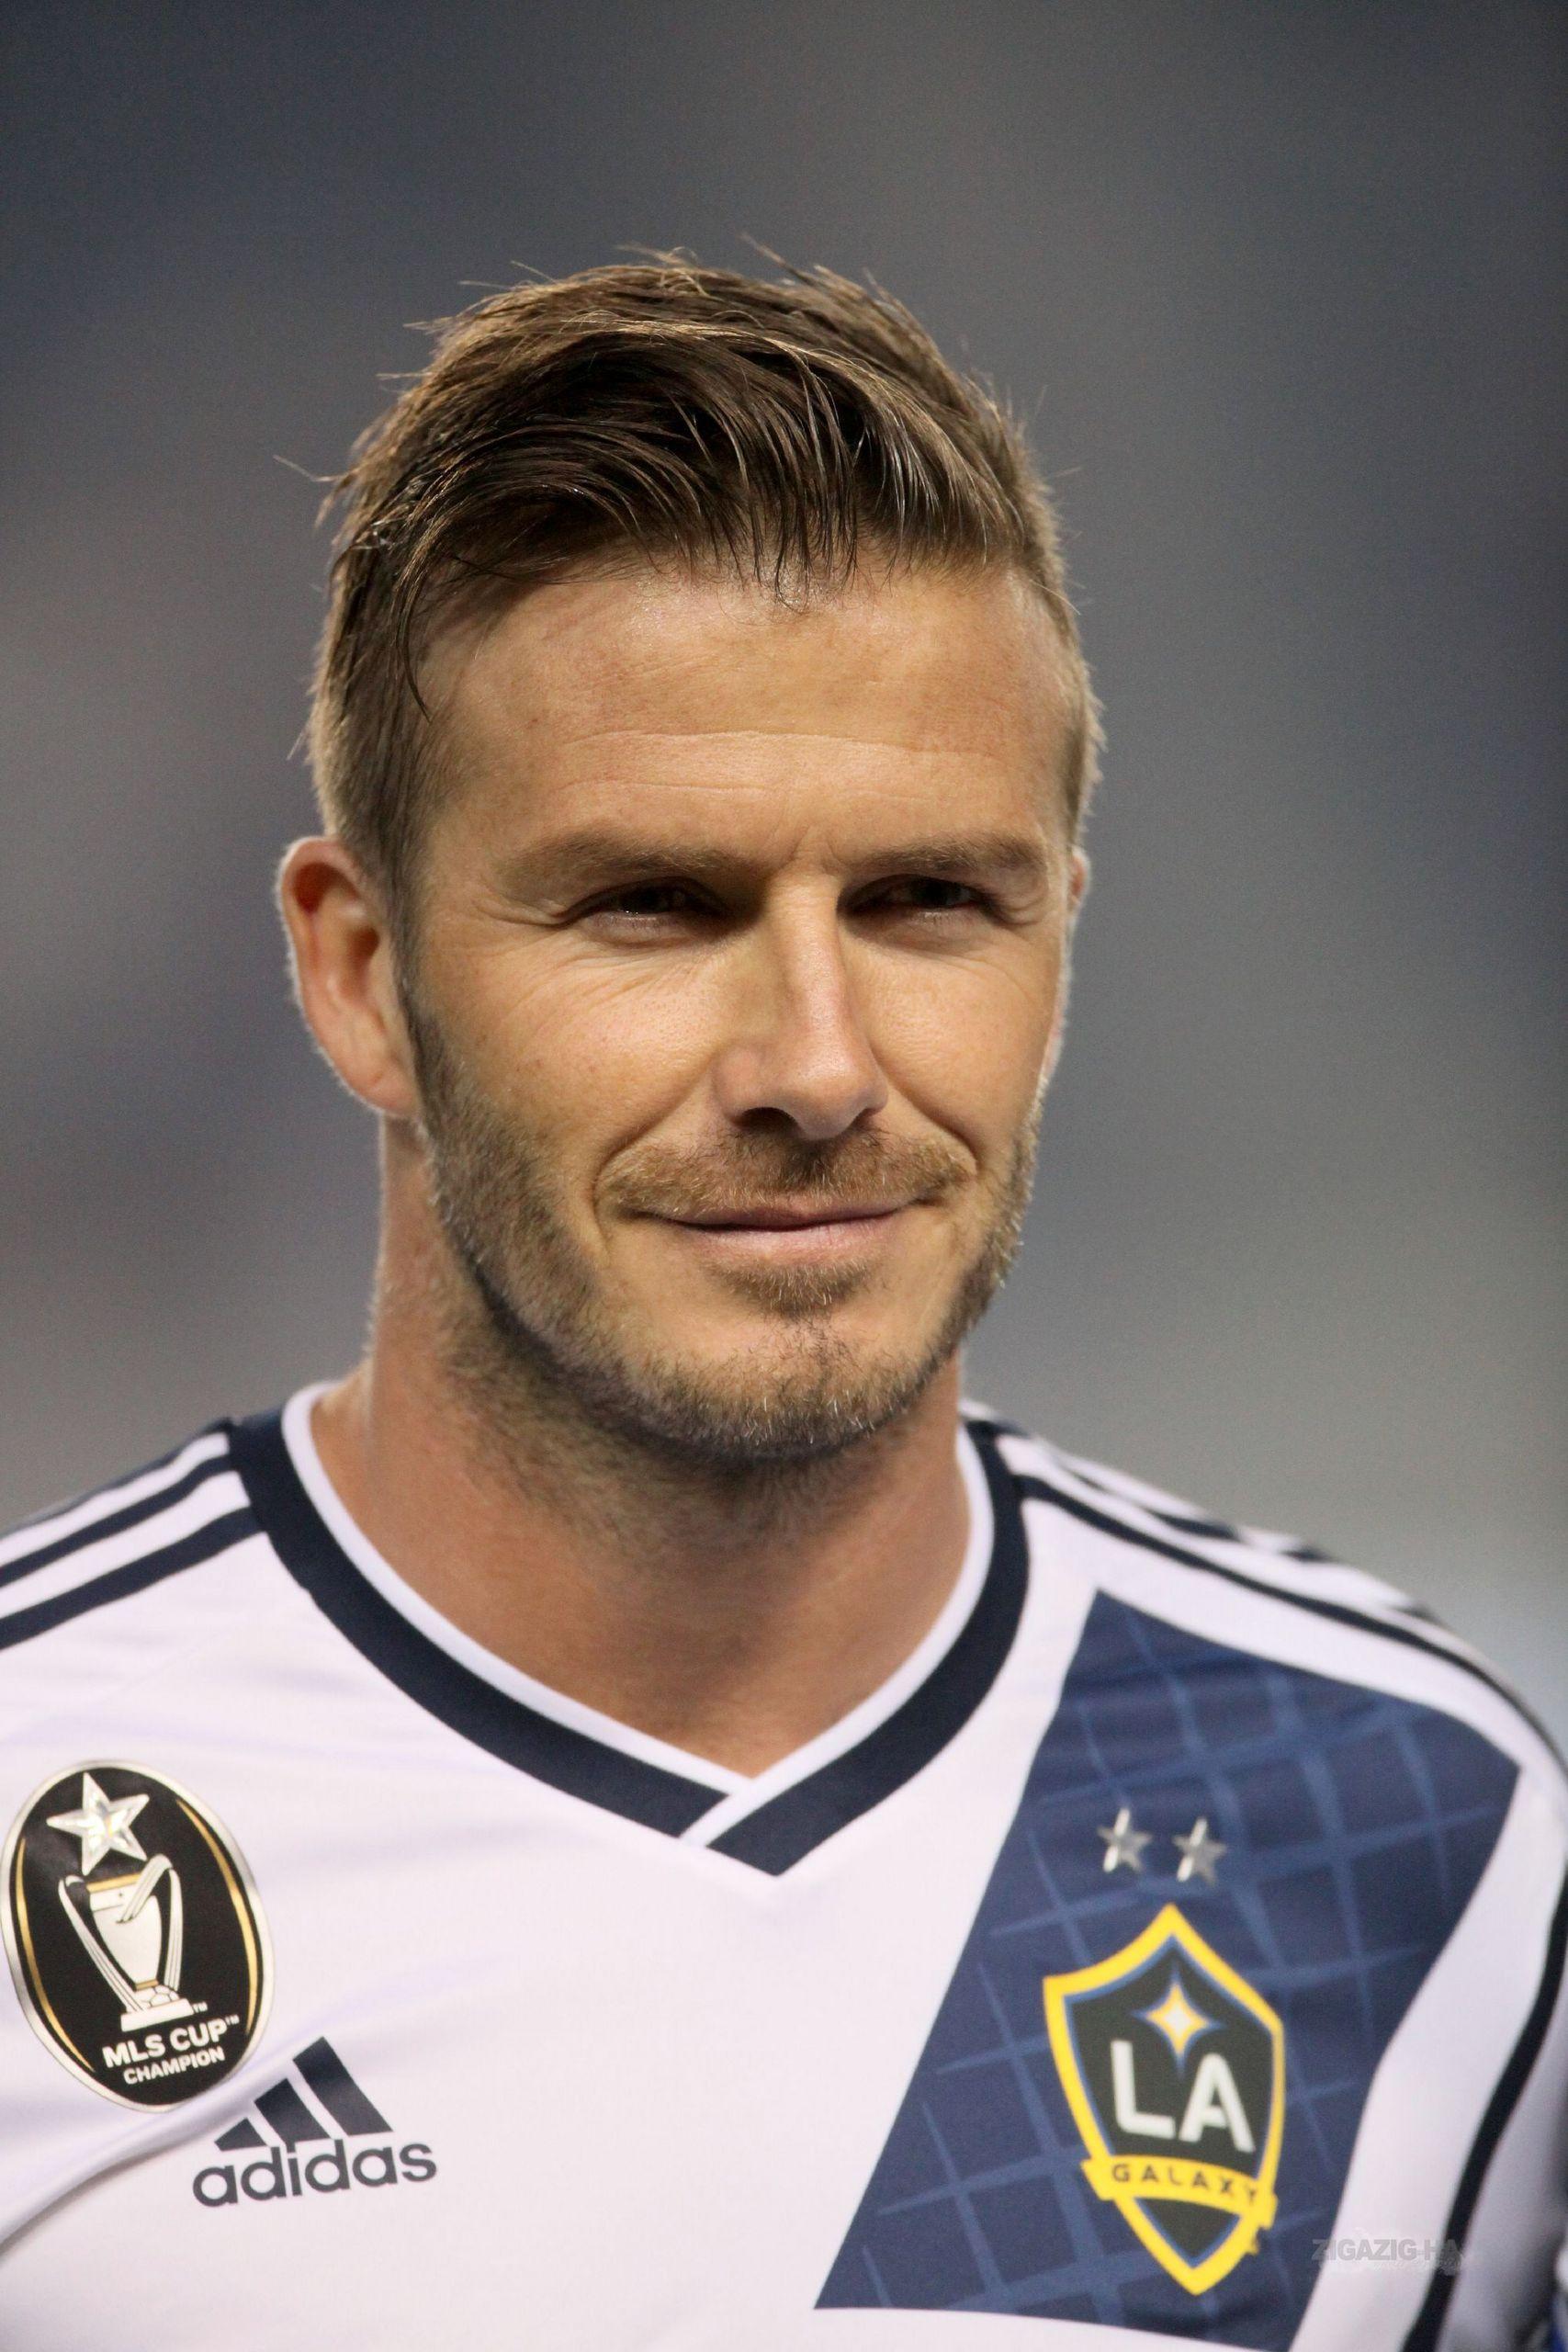 Peinado de David Beckham